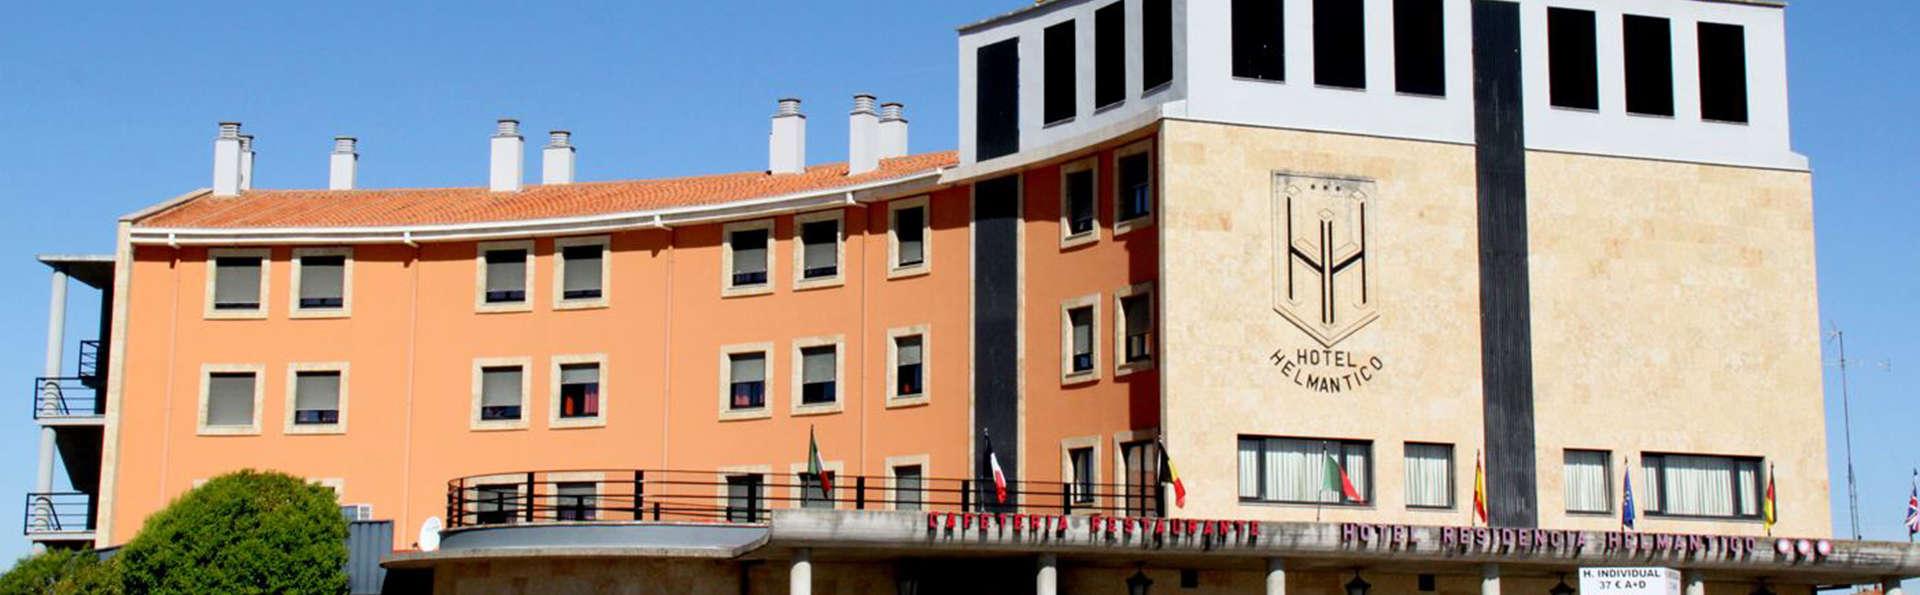 Escapada con desayuno y parking incluido a 5 minutos del centro de Salamanca